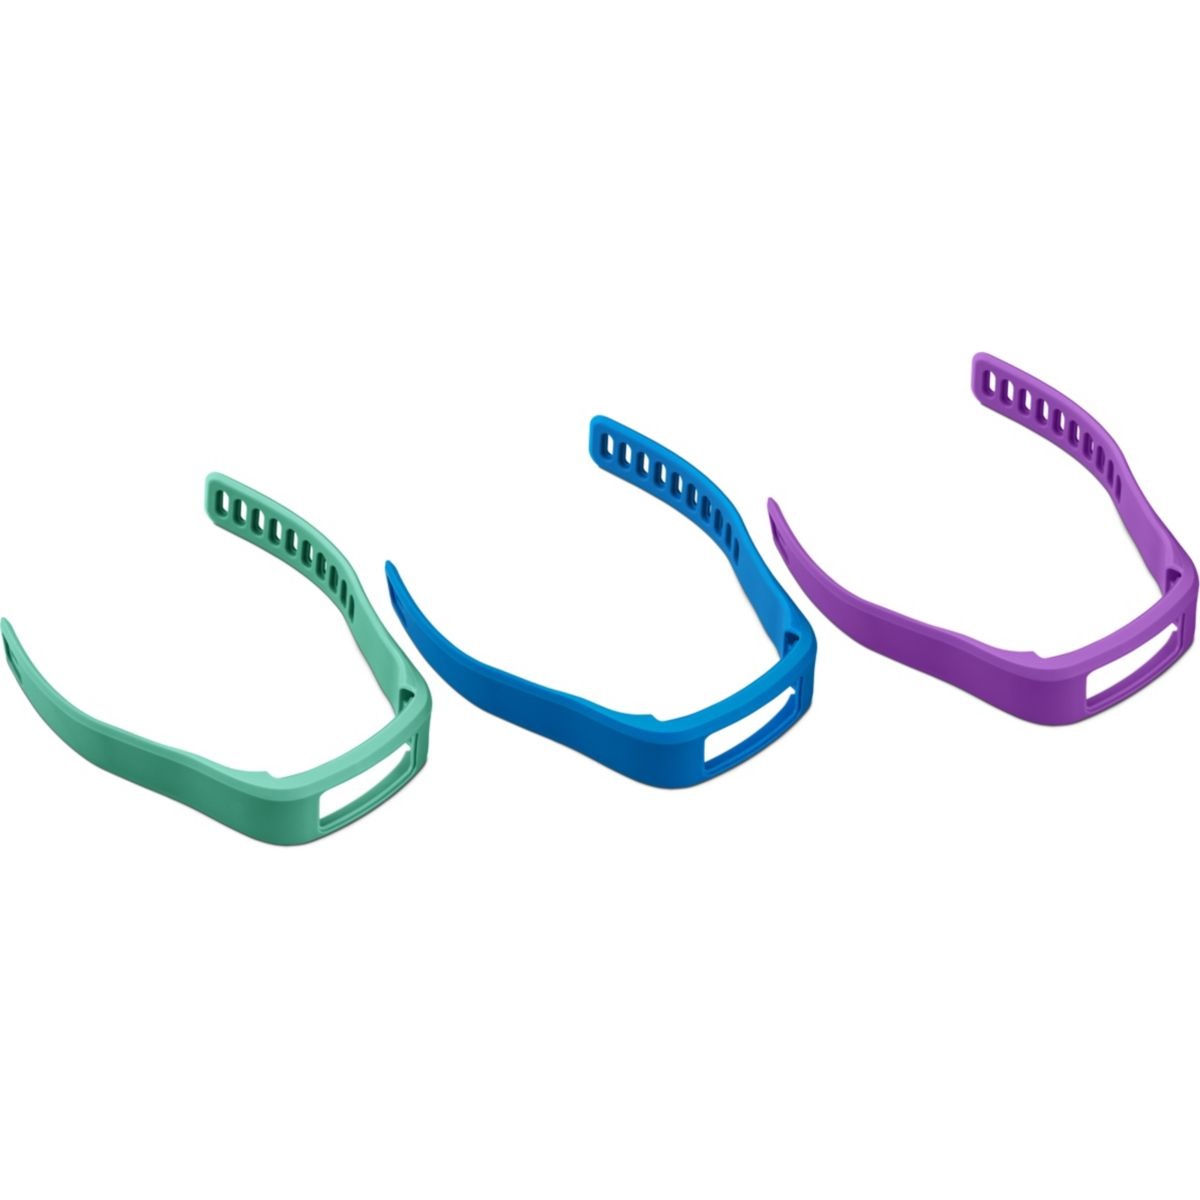 Tracker garmin pack 3 bracelets taille s(b.v.v) pour vivofit - 20% de remise immédiate avec le code : cool20 (photo)